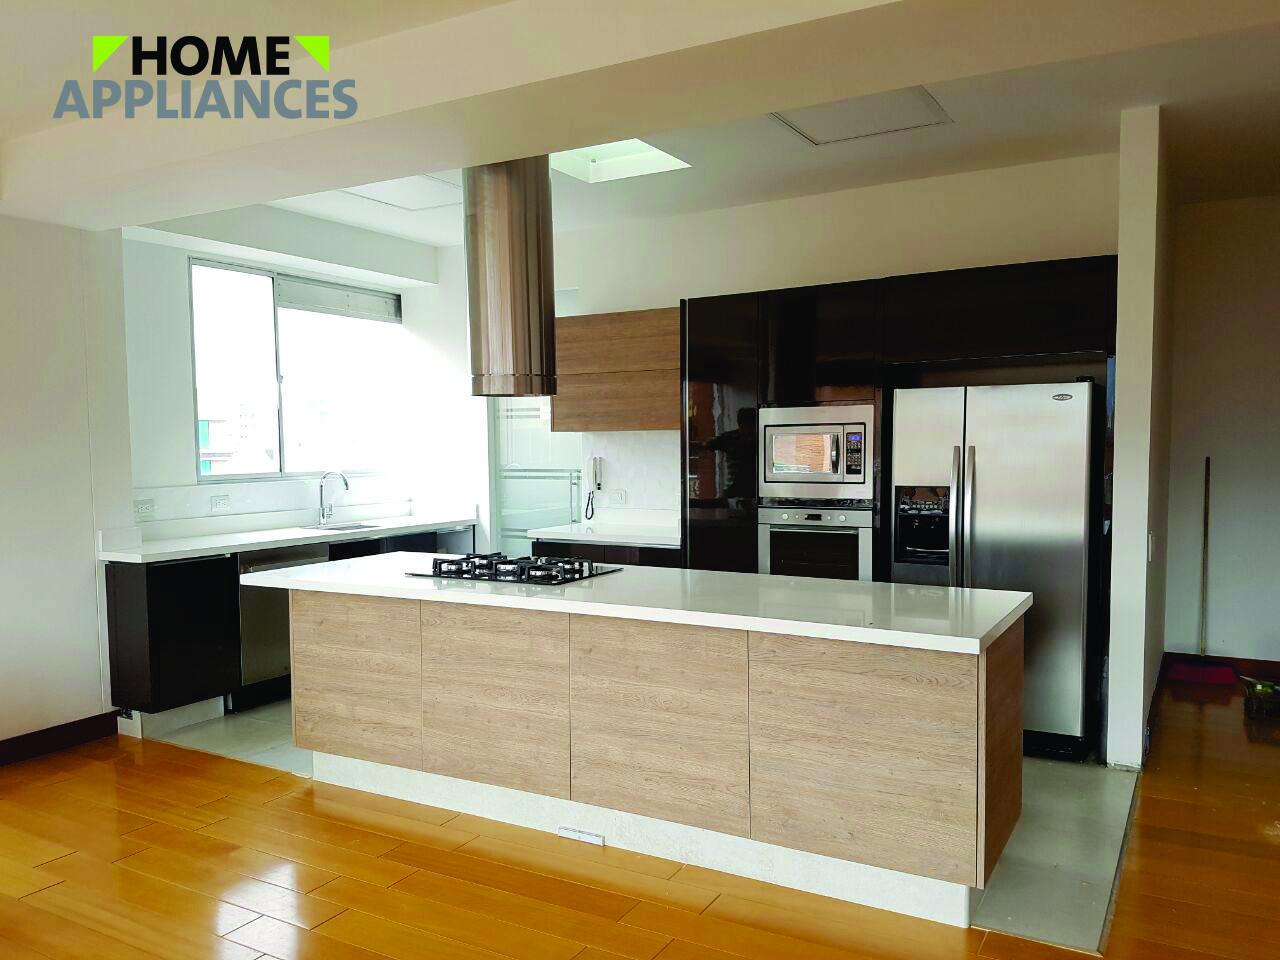 Dise o de cocinas modernas dise o cocinas modernas - Disenos cocinas modernas ...